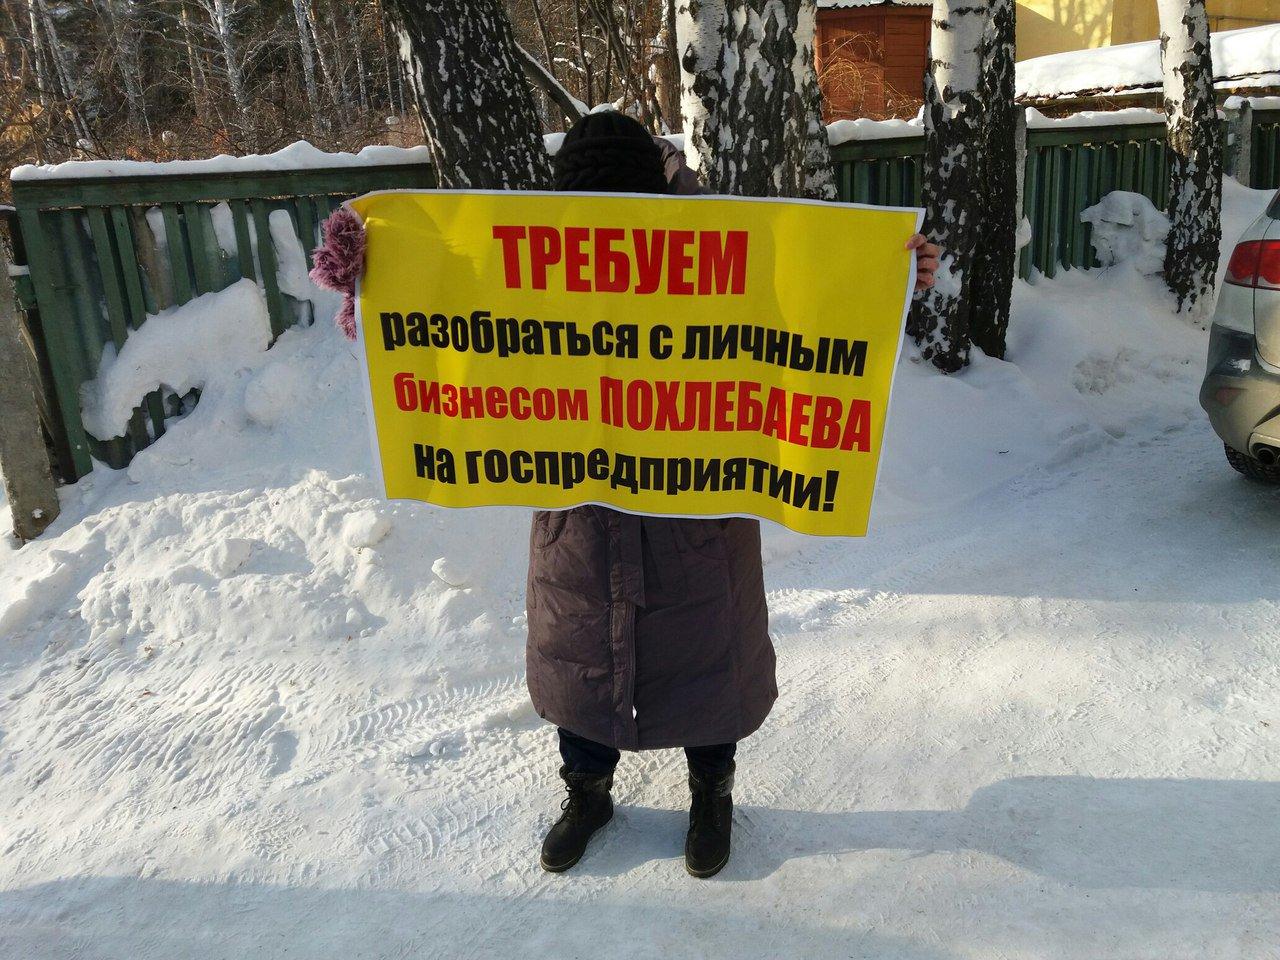 Последние новости футбольного клуба днепропетровск